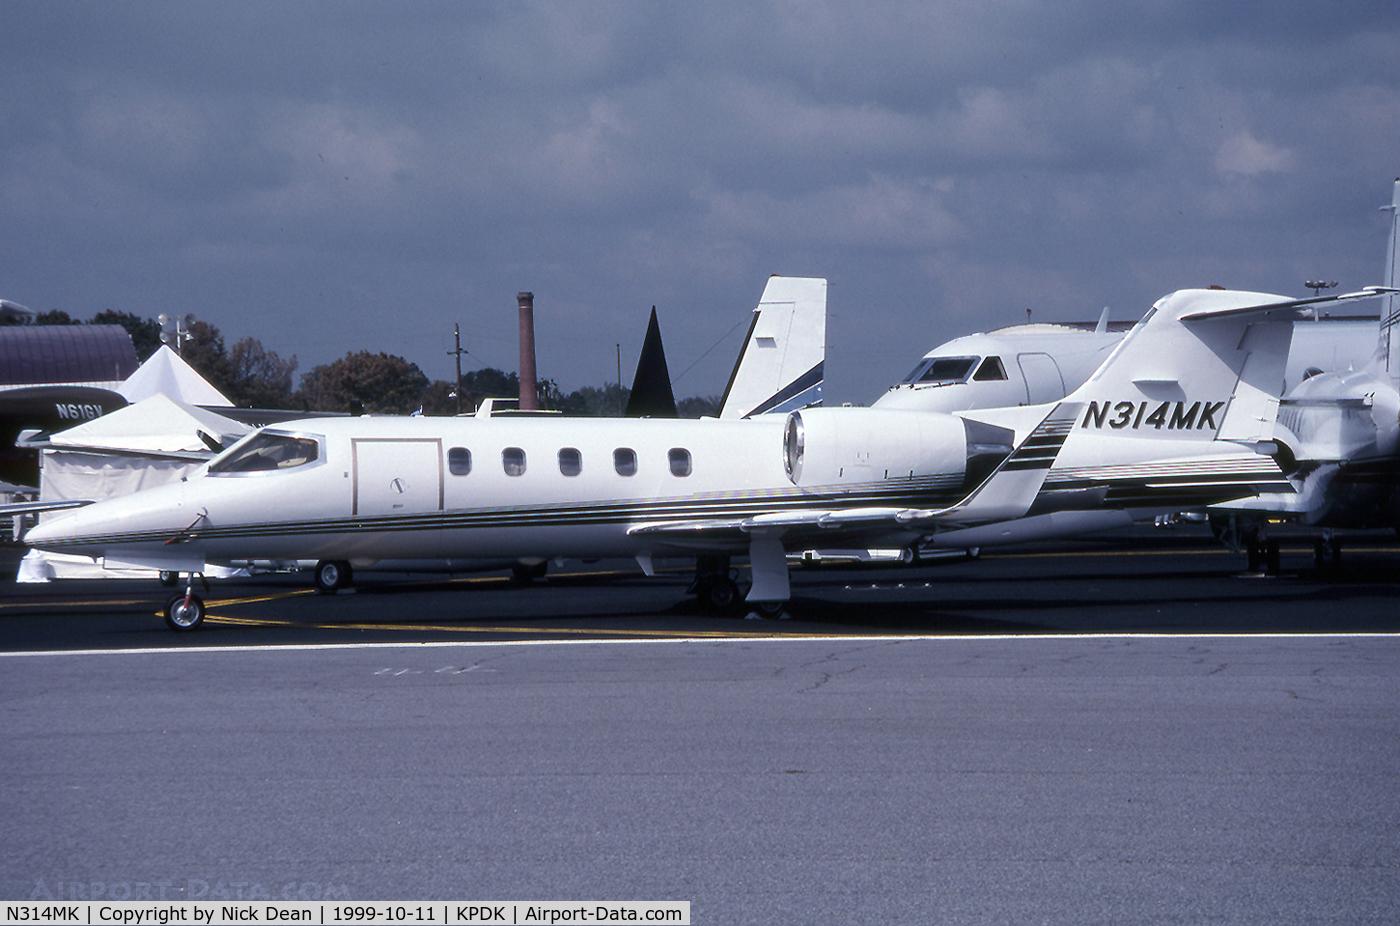 N314MK, 1991 Learjet 31A C/N 31A-040, KPDK